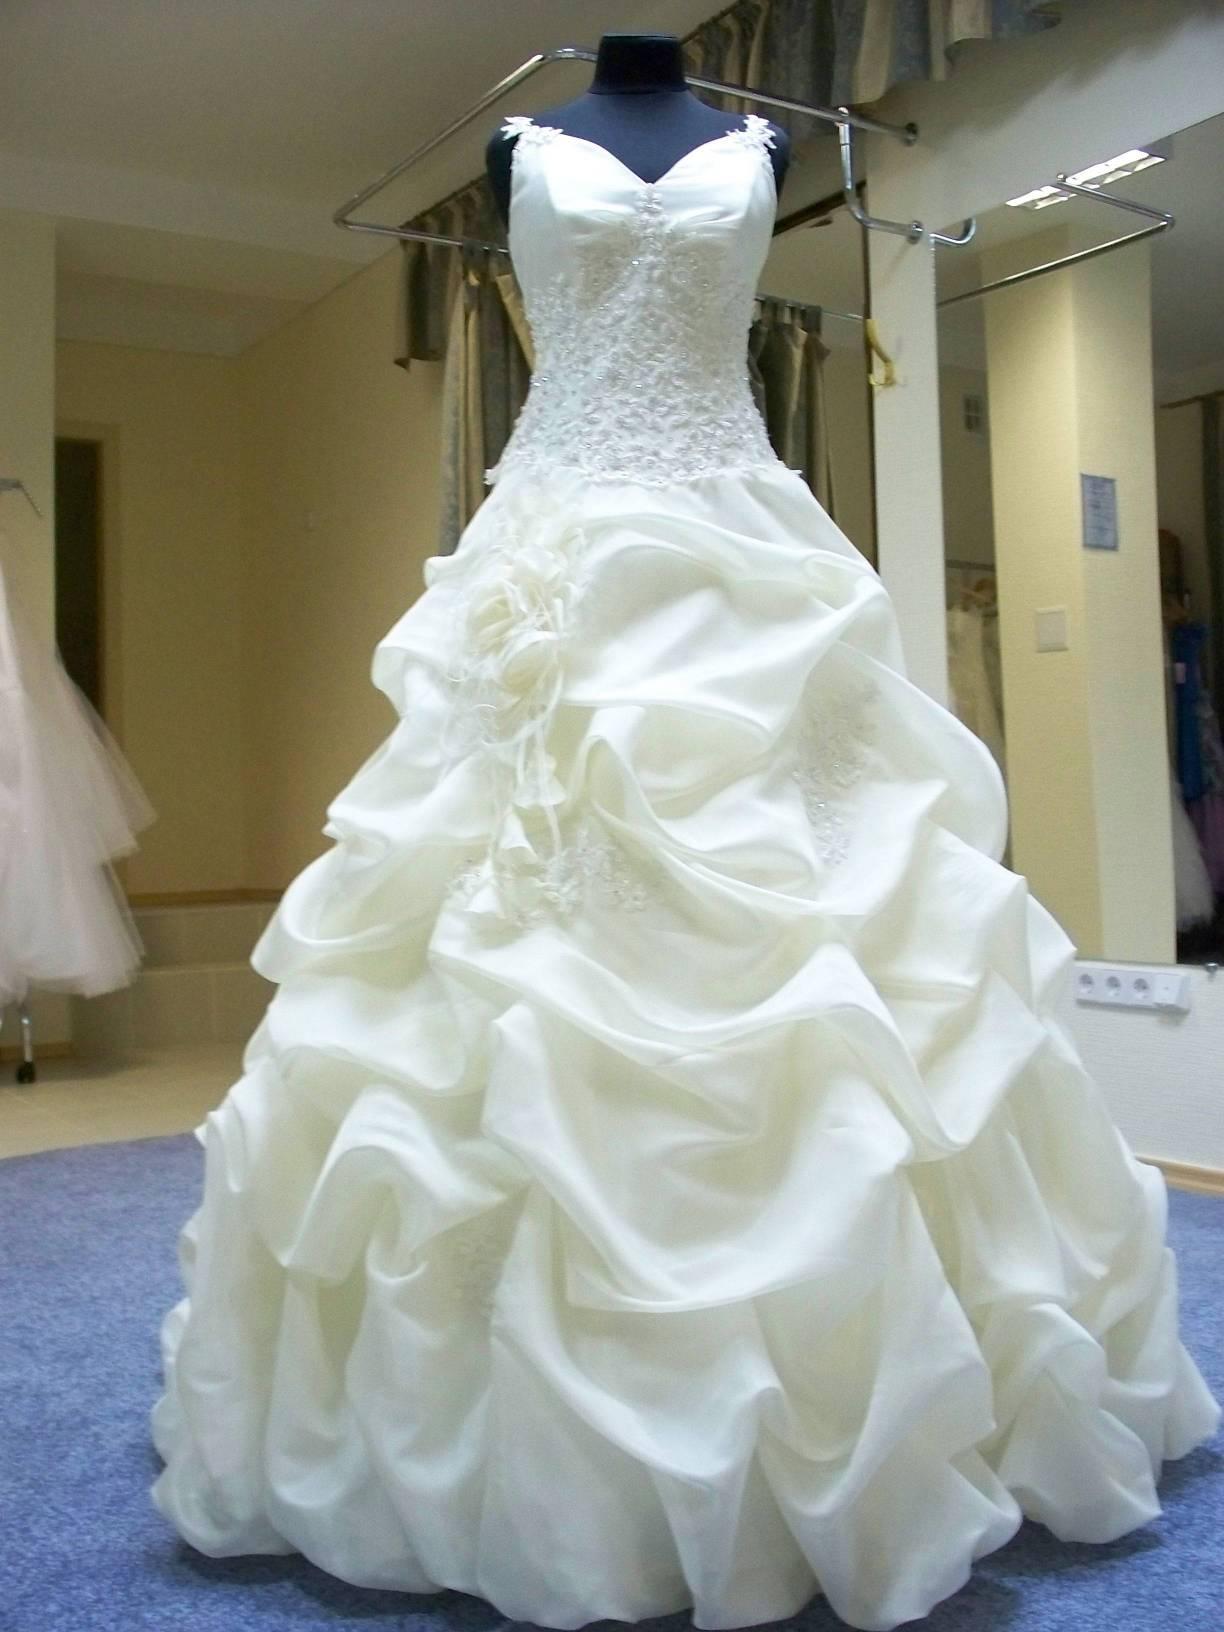 Одежда для венчания замужней паре в церкви